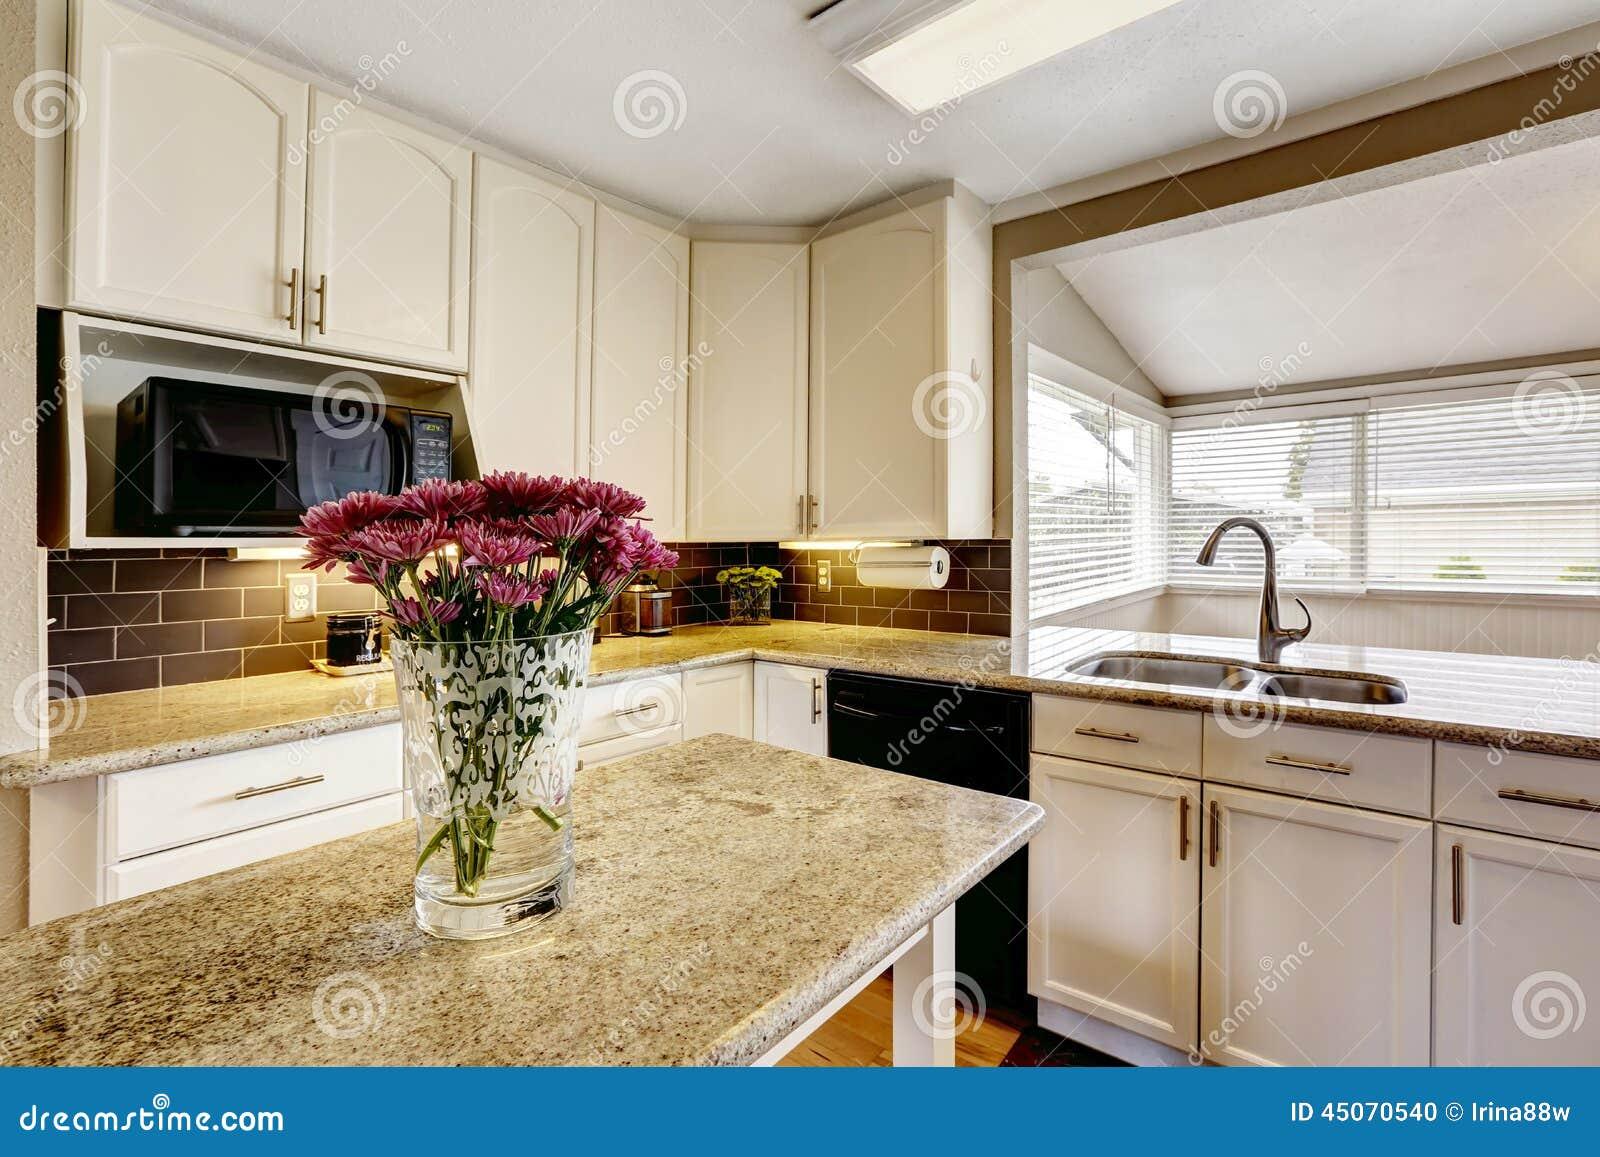 Kücheninsel Mit Granitspitze Und -blumen Stockfoto - Bild: 45070540